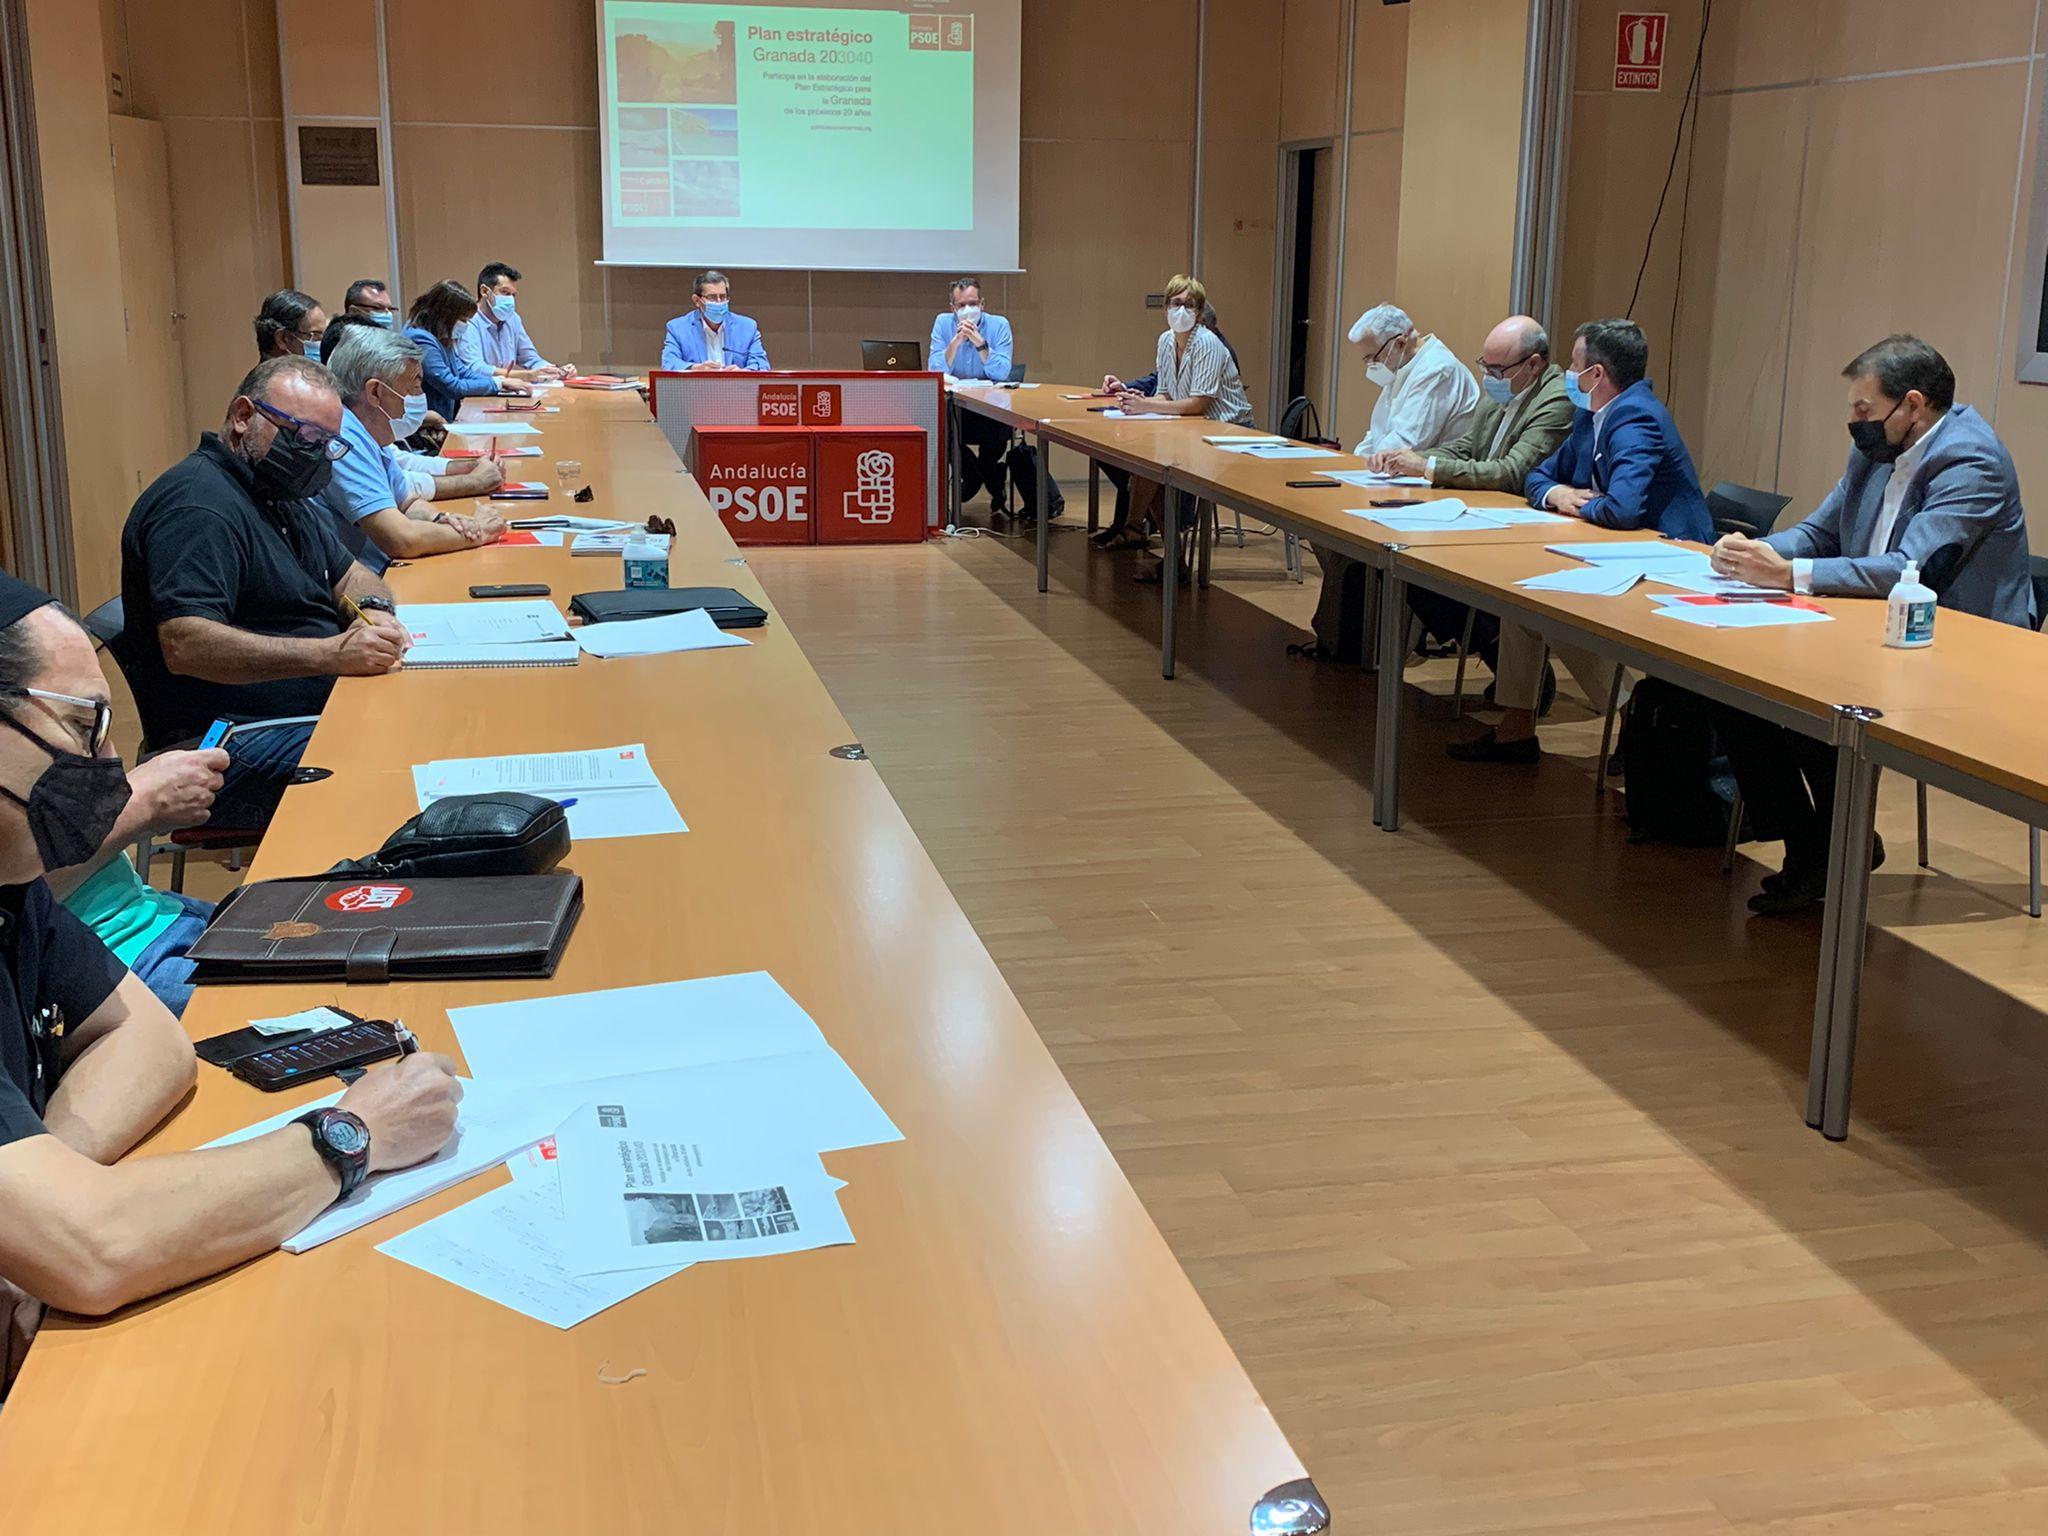 El PSOE promueve la estrategia 'Granada 203040' para diseñar con la sociedad la provincia de las dos próximas décadas